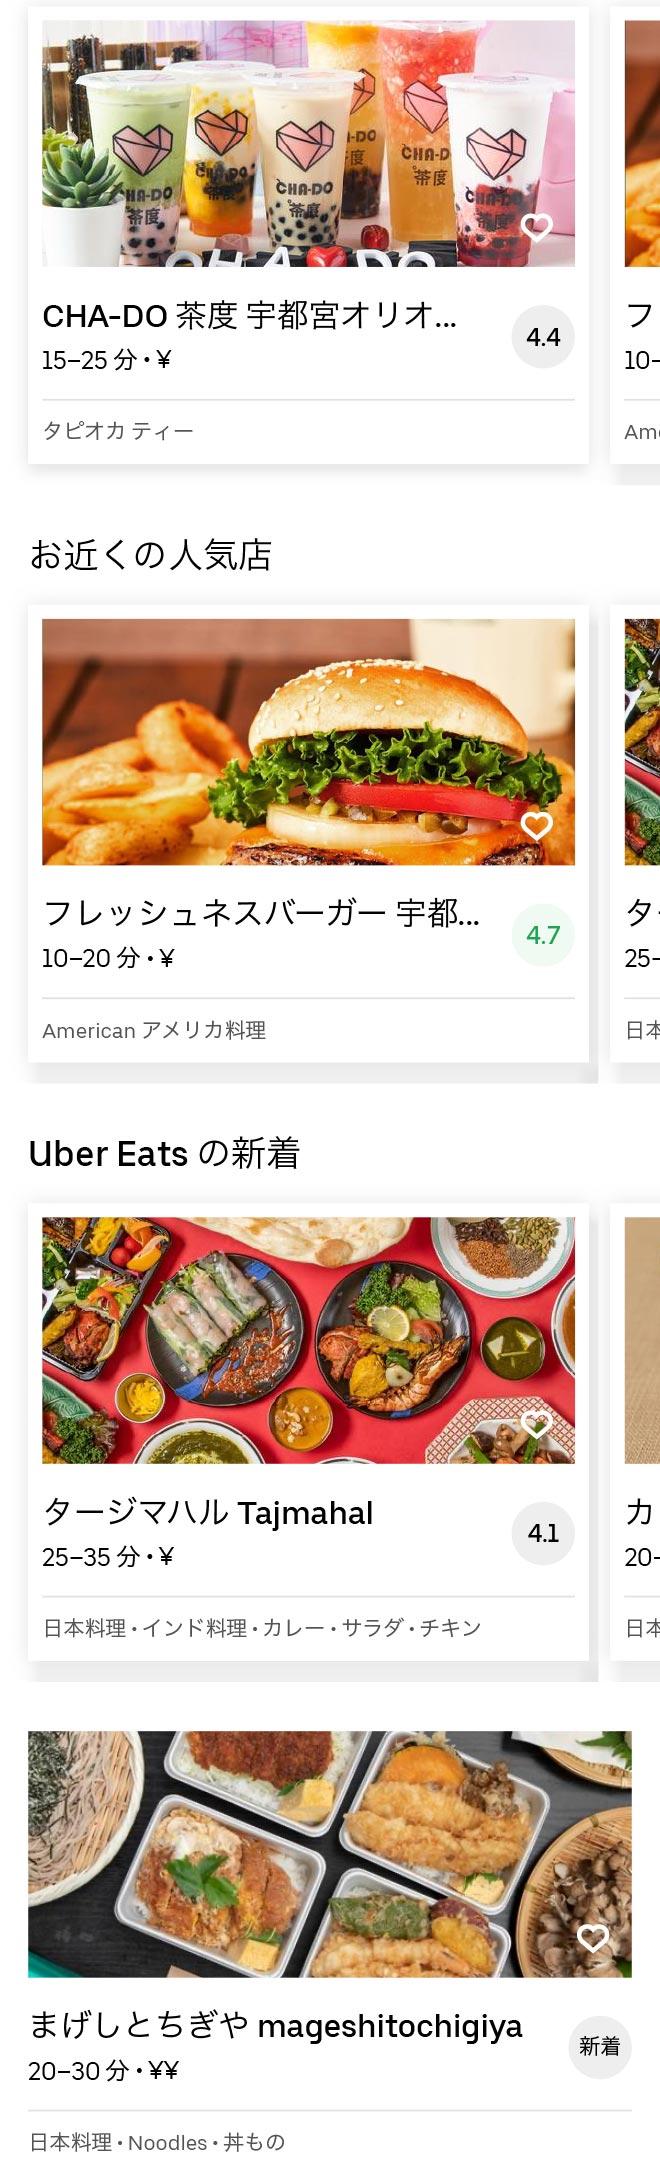 Tobu utsunomiya menu 200601